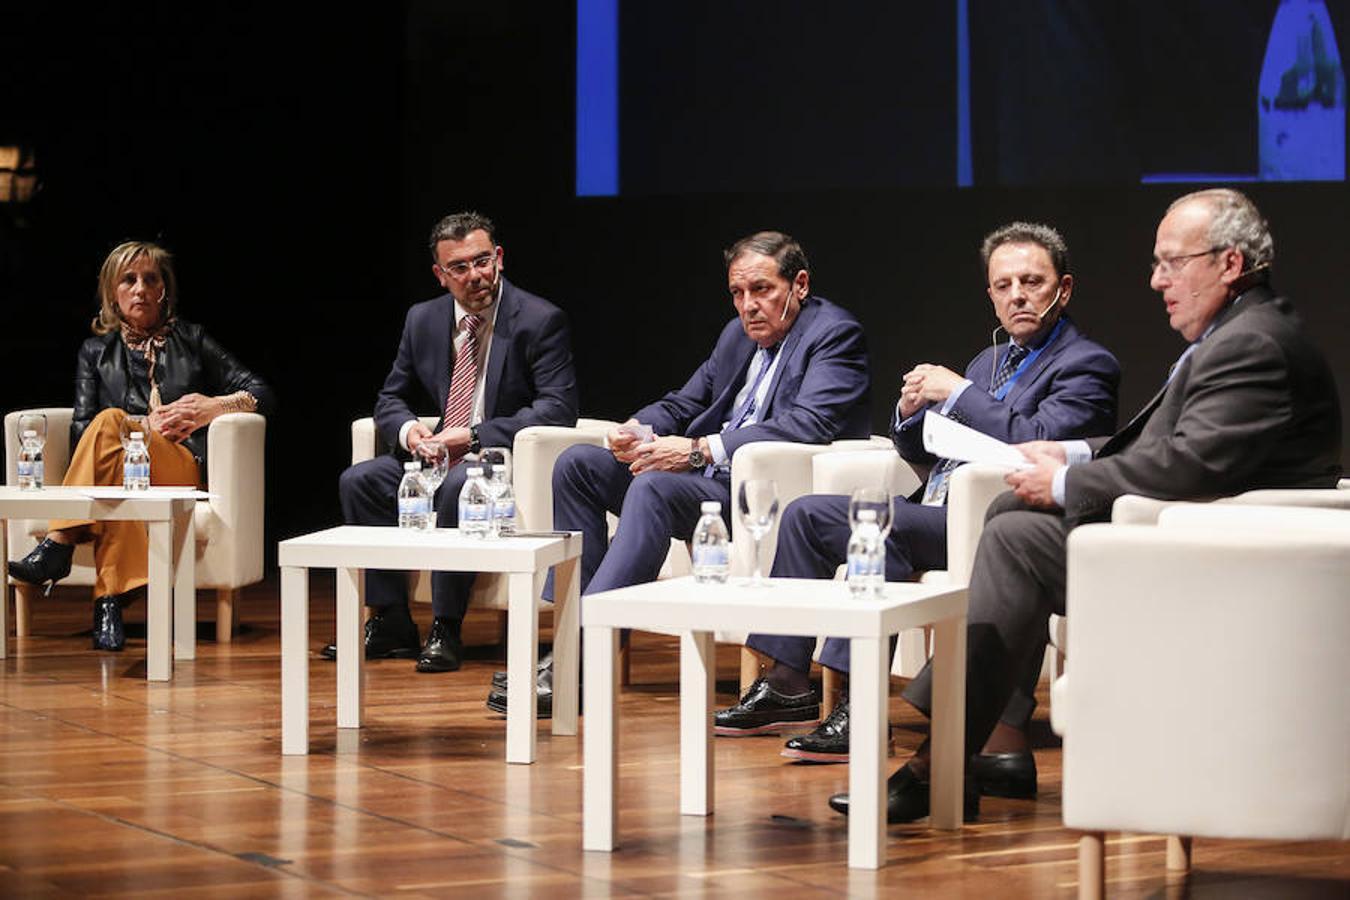 XXI Congreso de la Sociedad Española de Directivos de Atención Primaria (SEDAP)